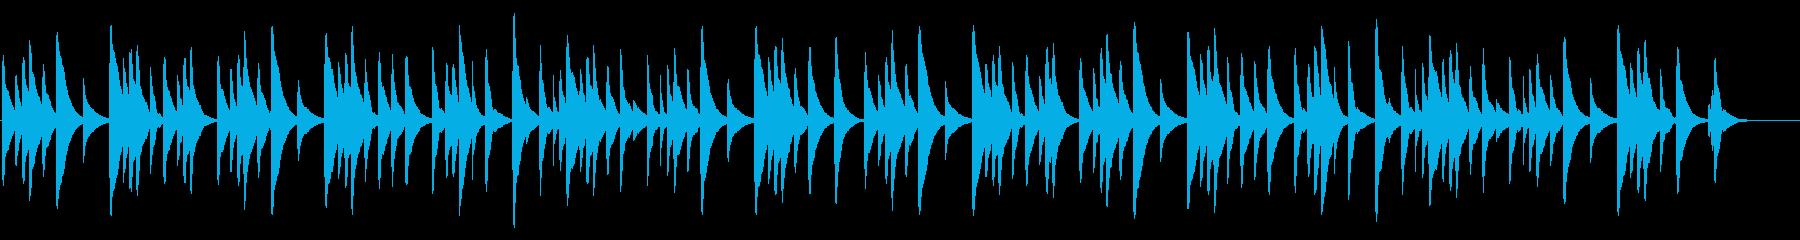 もみじ 18弁オルゴールの再生済みの波形